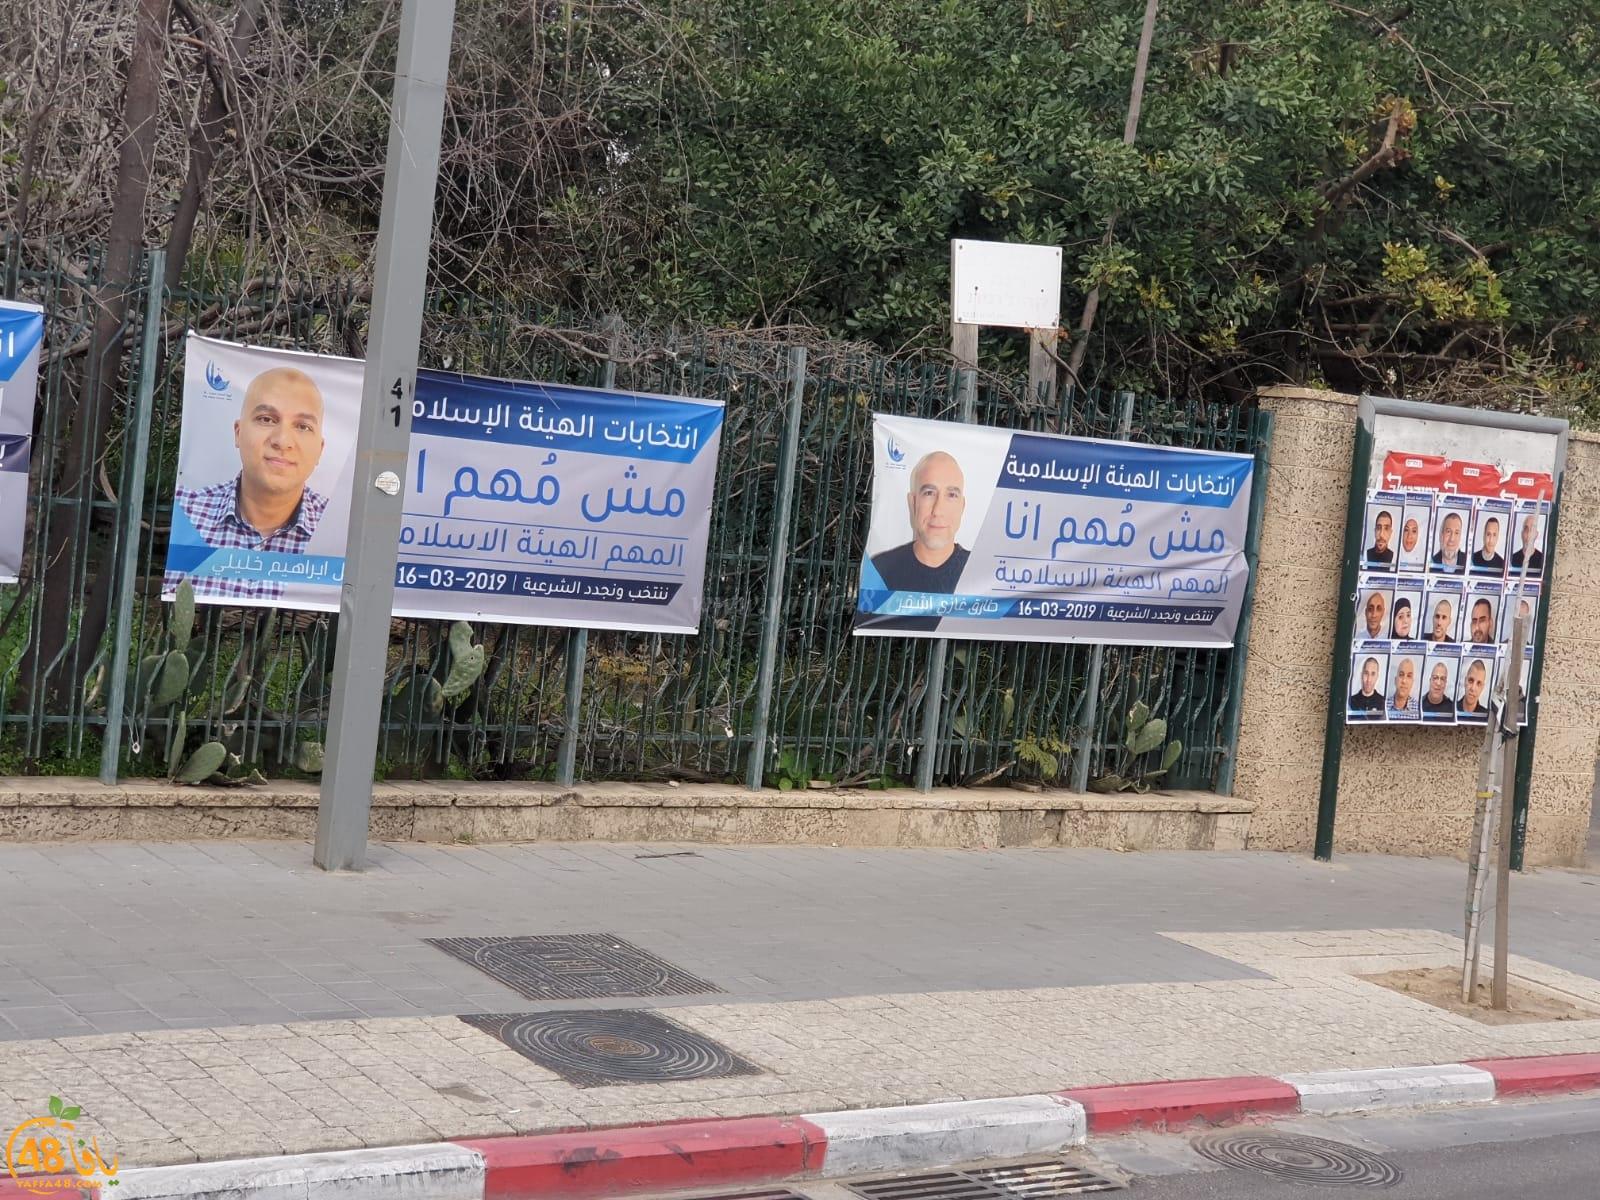 بالصور: انتخابات الهيئة الاسلامية تخيّم على الأجواء في مدينة يافا